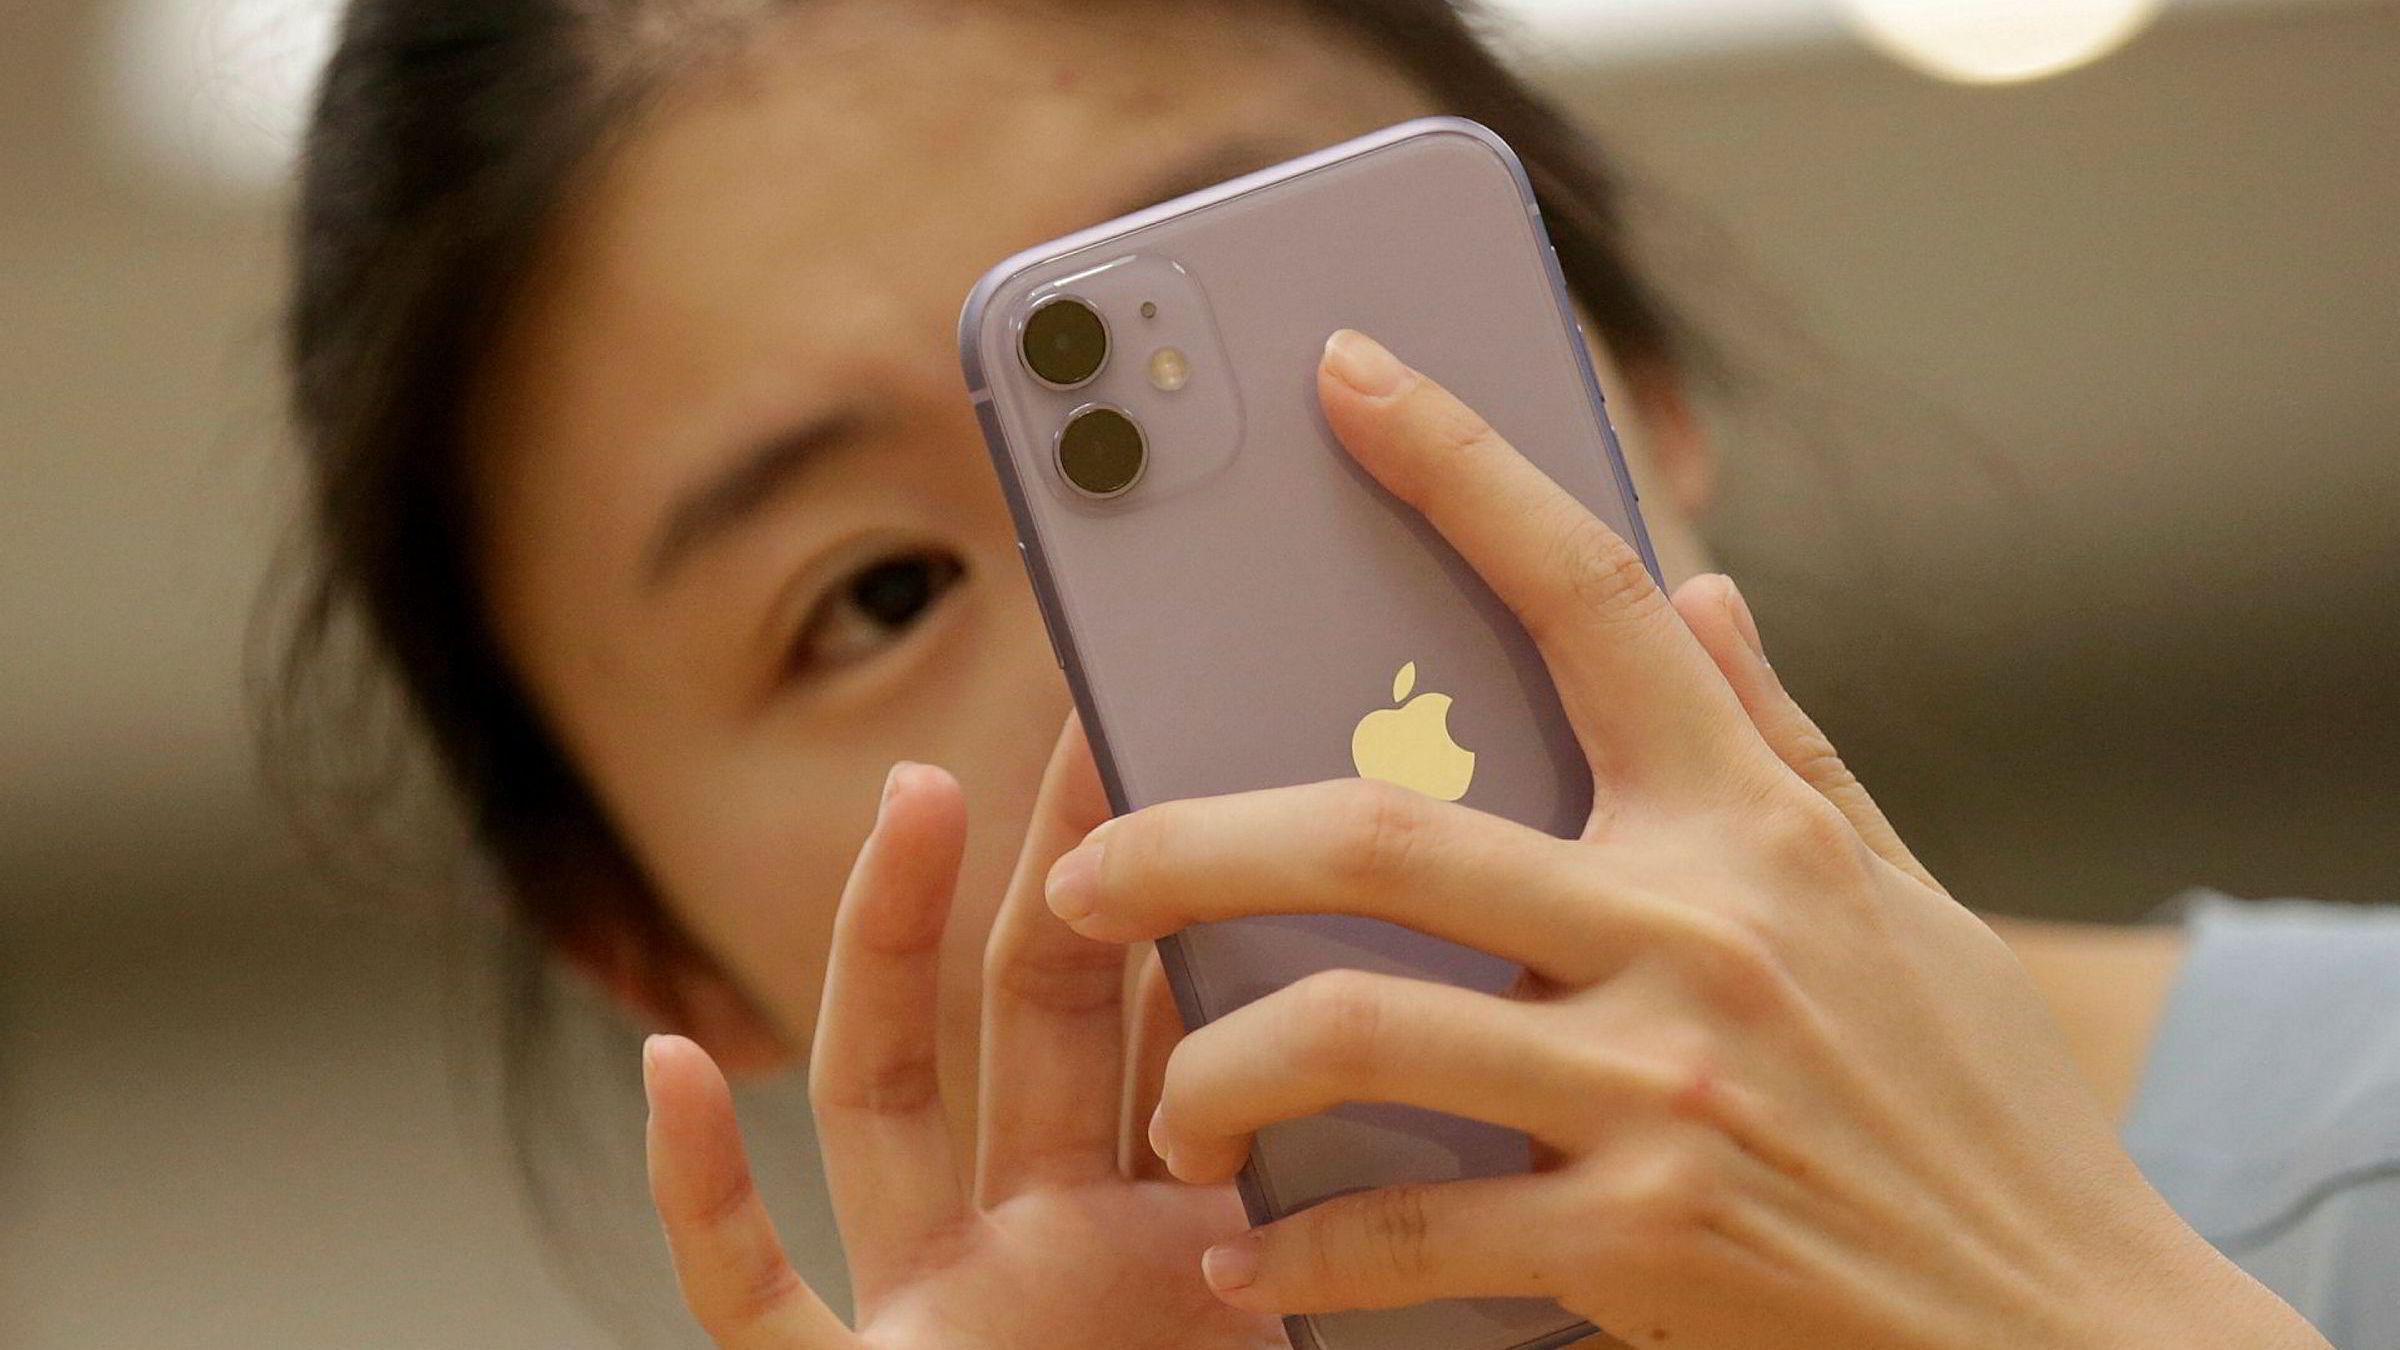 Apples Iphone har tapt markedsandeler i viktige vekstmarkeder. Nå vil de forsøke seg med en billigmodell i håp om å kapre over brukere fra Androids digitale økosystem. Iphone 11-modeller er for dyr for de fleste.